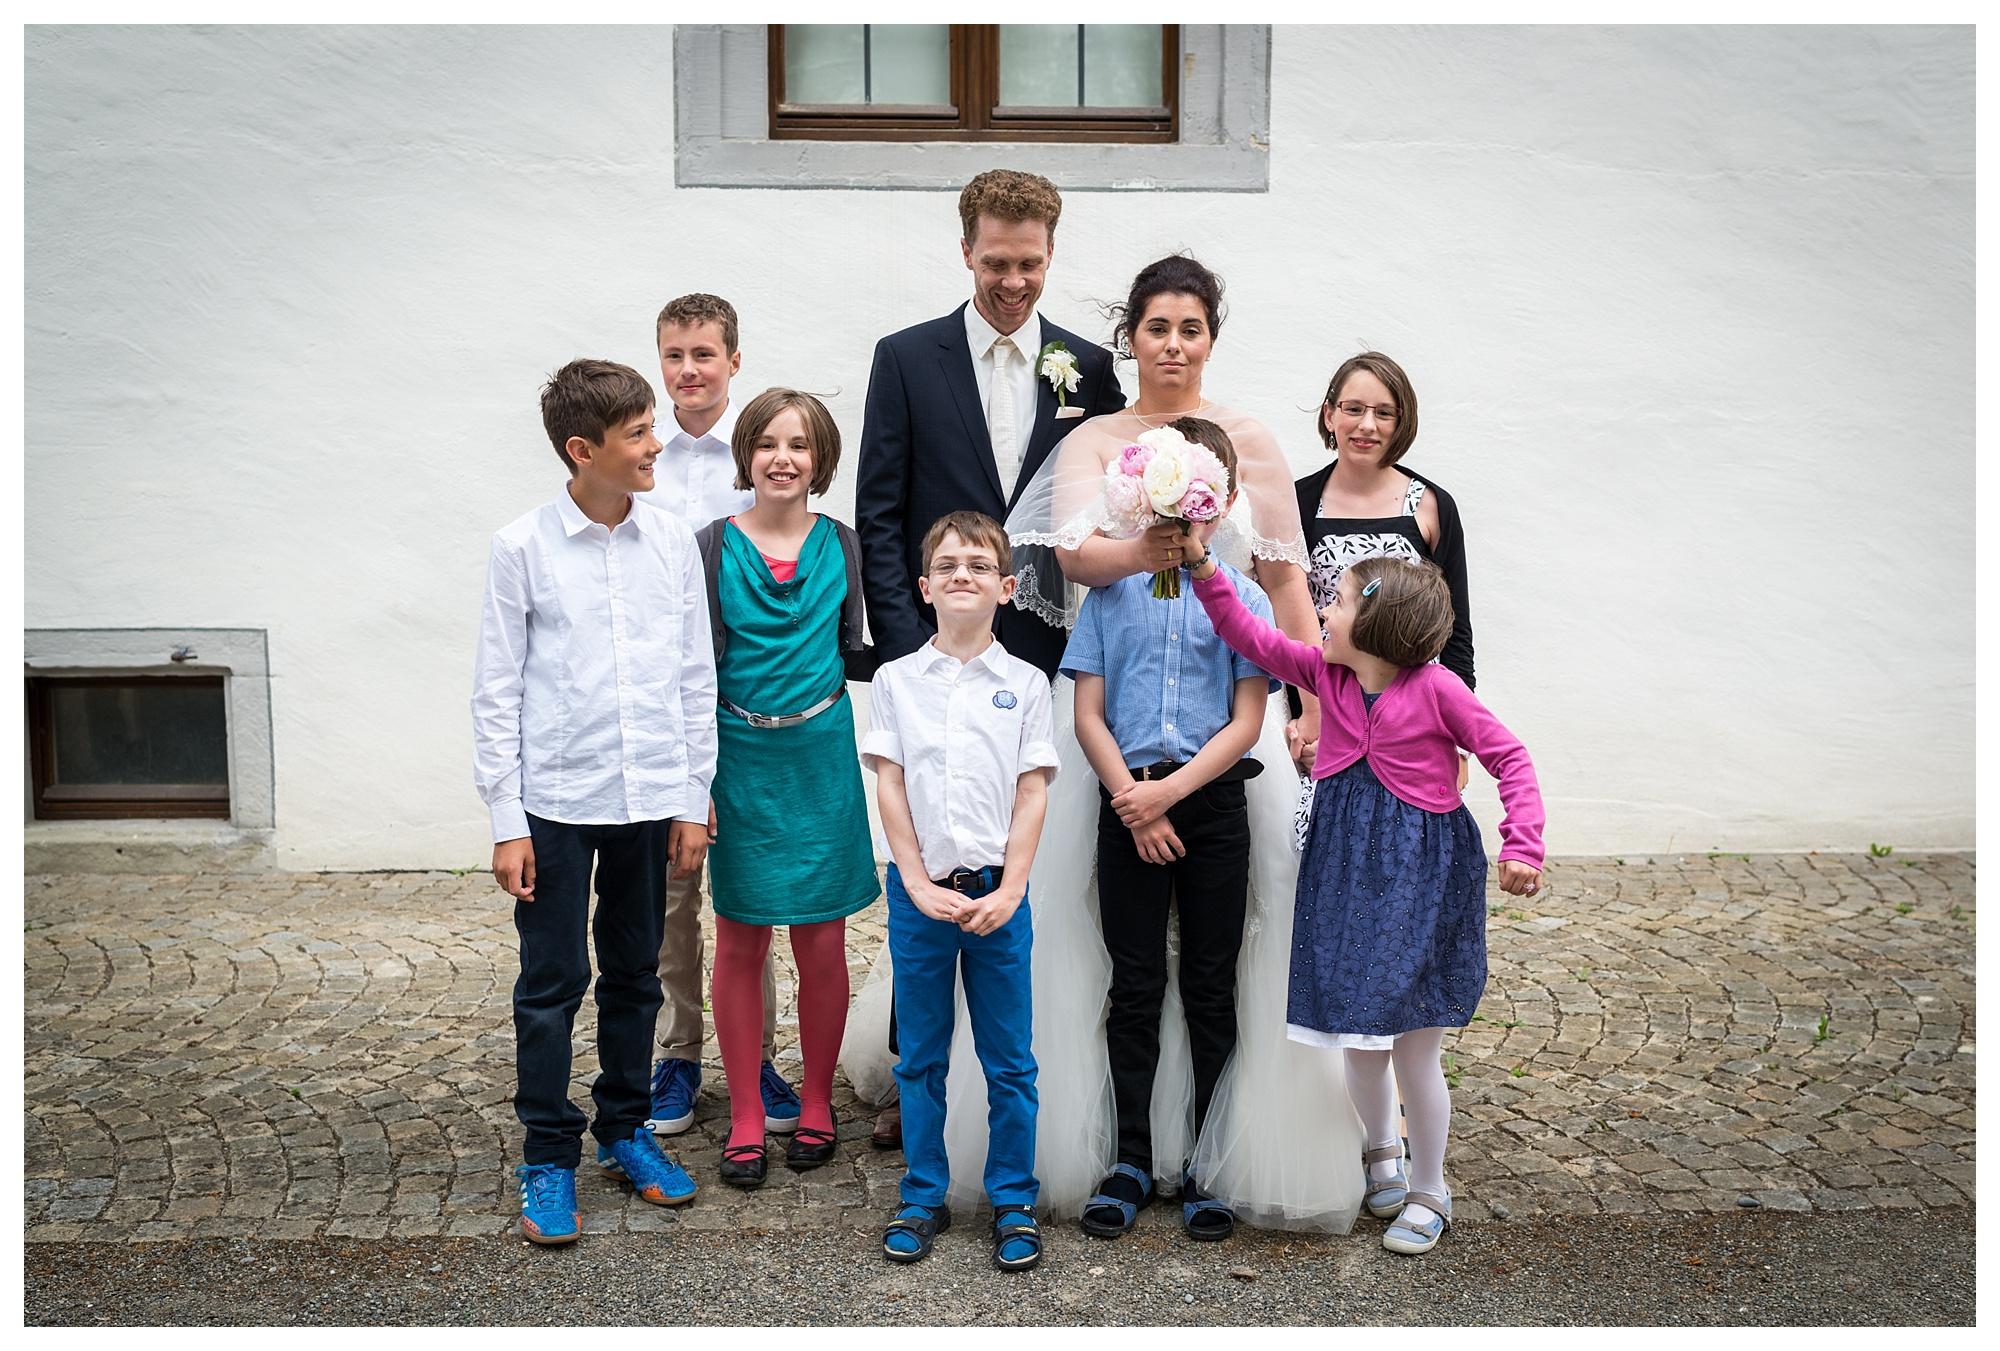 Fotograf Konstanz - Hochzeit Tanja Elmar Elmar Feuerbacher Photography Konstanz Messkirch Highlights 088 - Hochzeitsreportage von Tanja und Elmar im Schloss Meßkirch  - 189 -